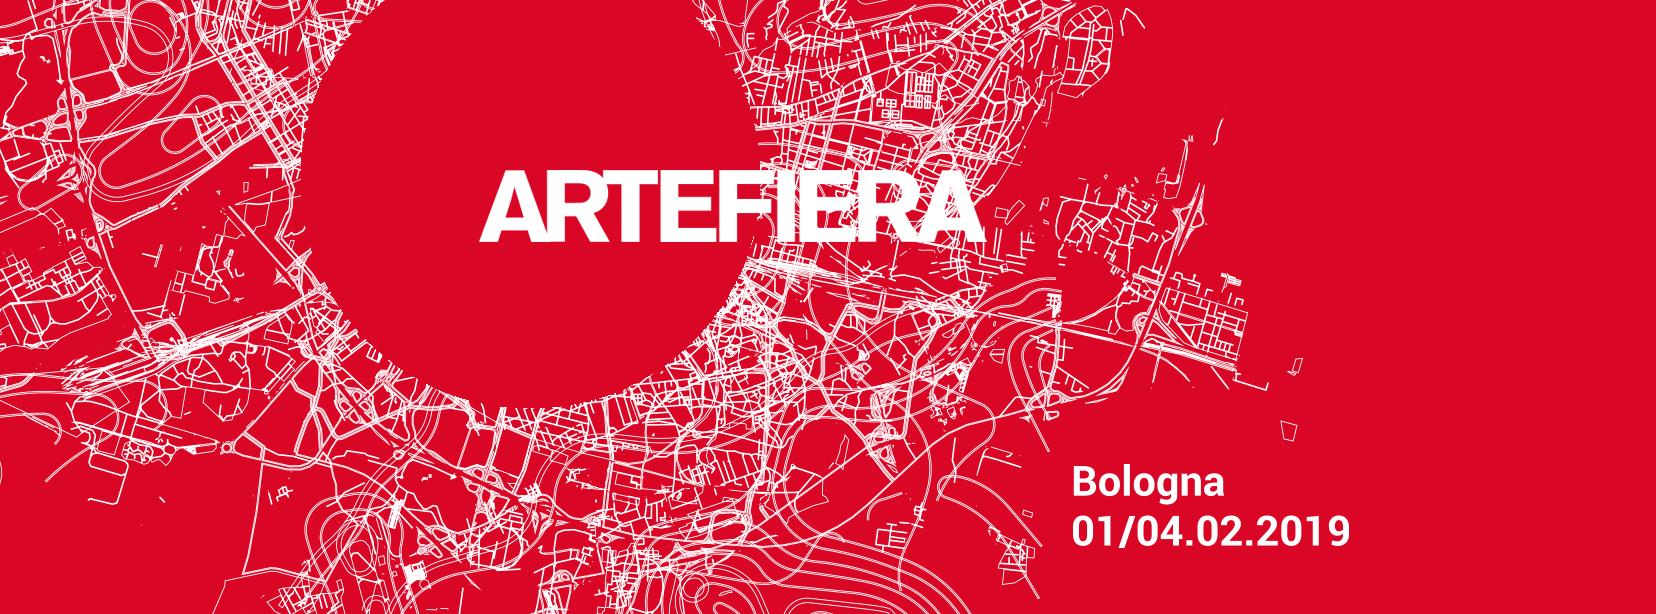 Arte Fiera 2019, svelato l'elenco delle gallerie che esporranno a Bologna